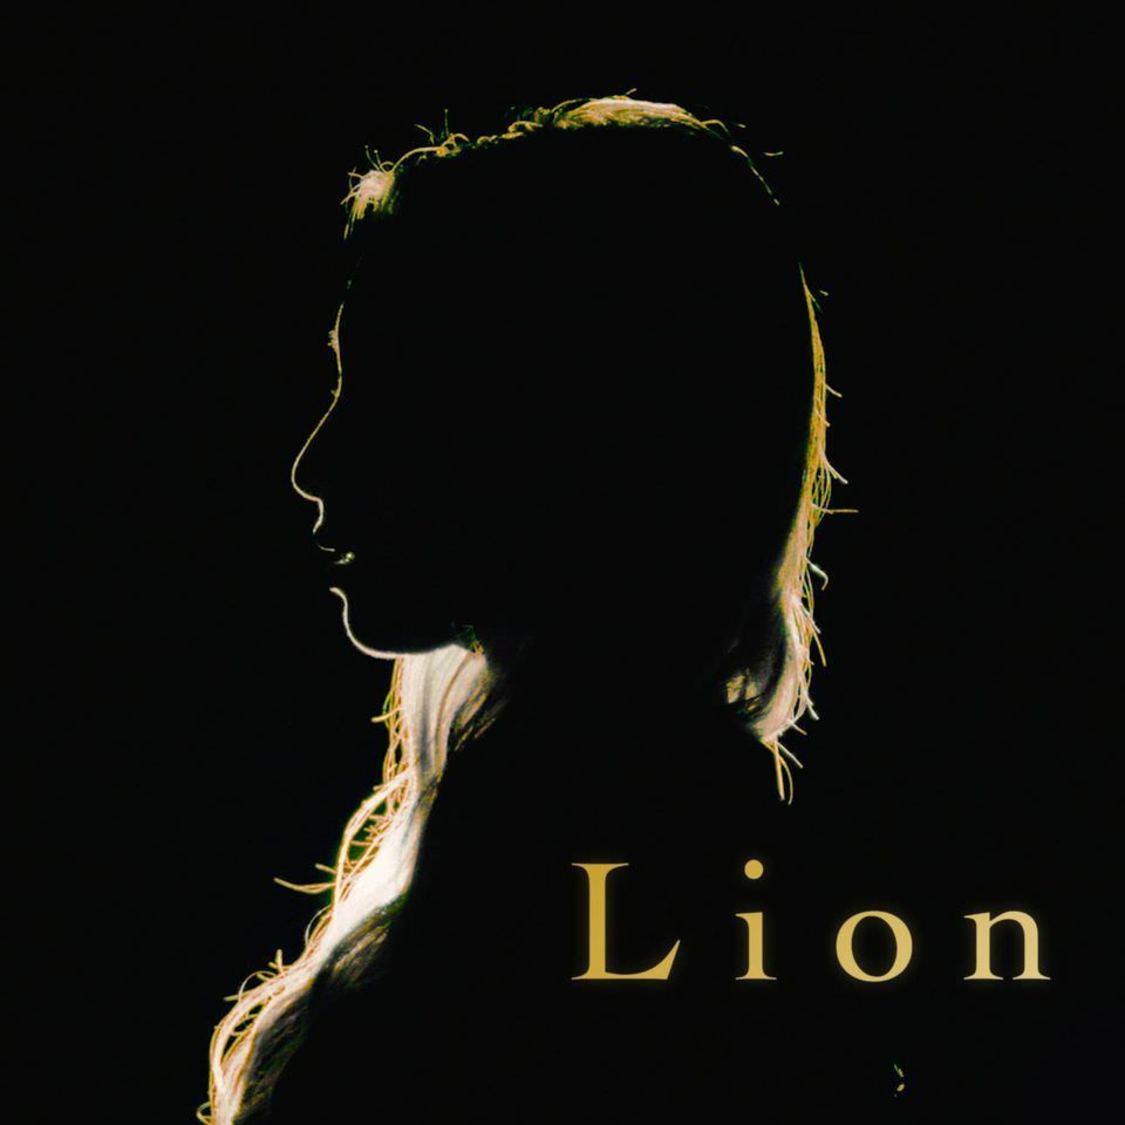 神宿、一ノ瀬みかソロ曲「Lion」デジタルリリース!